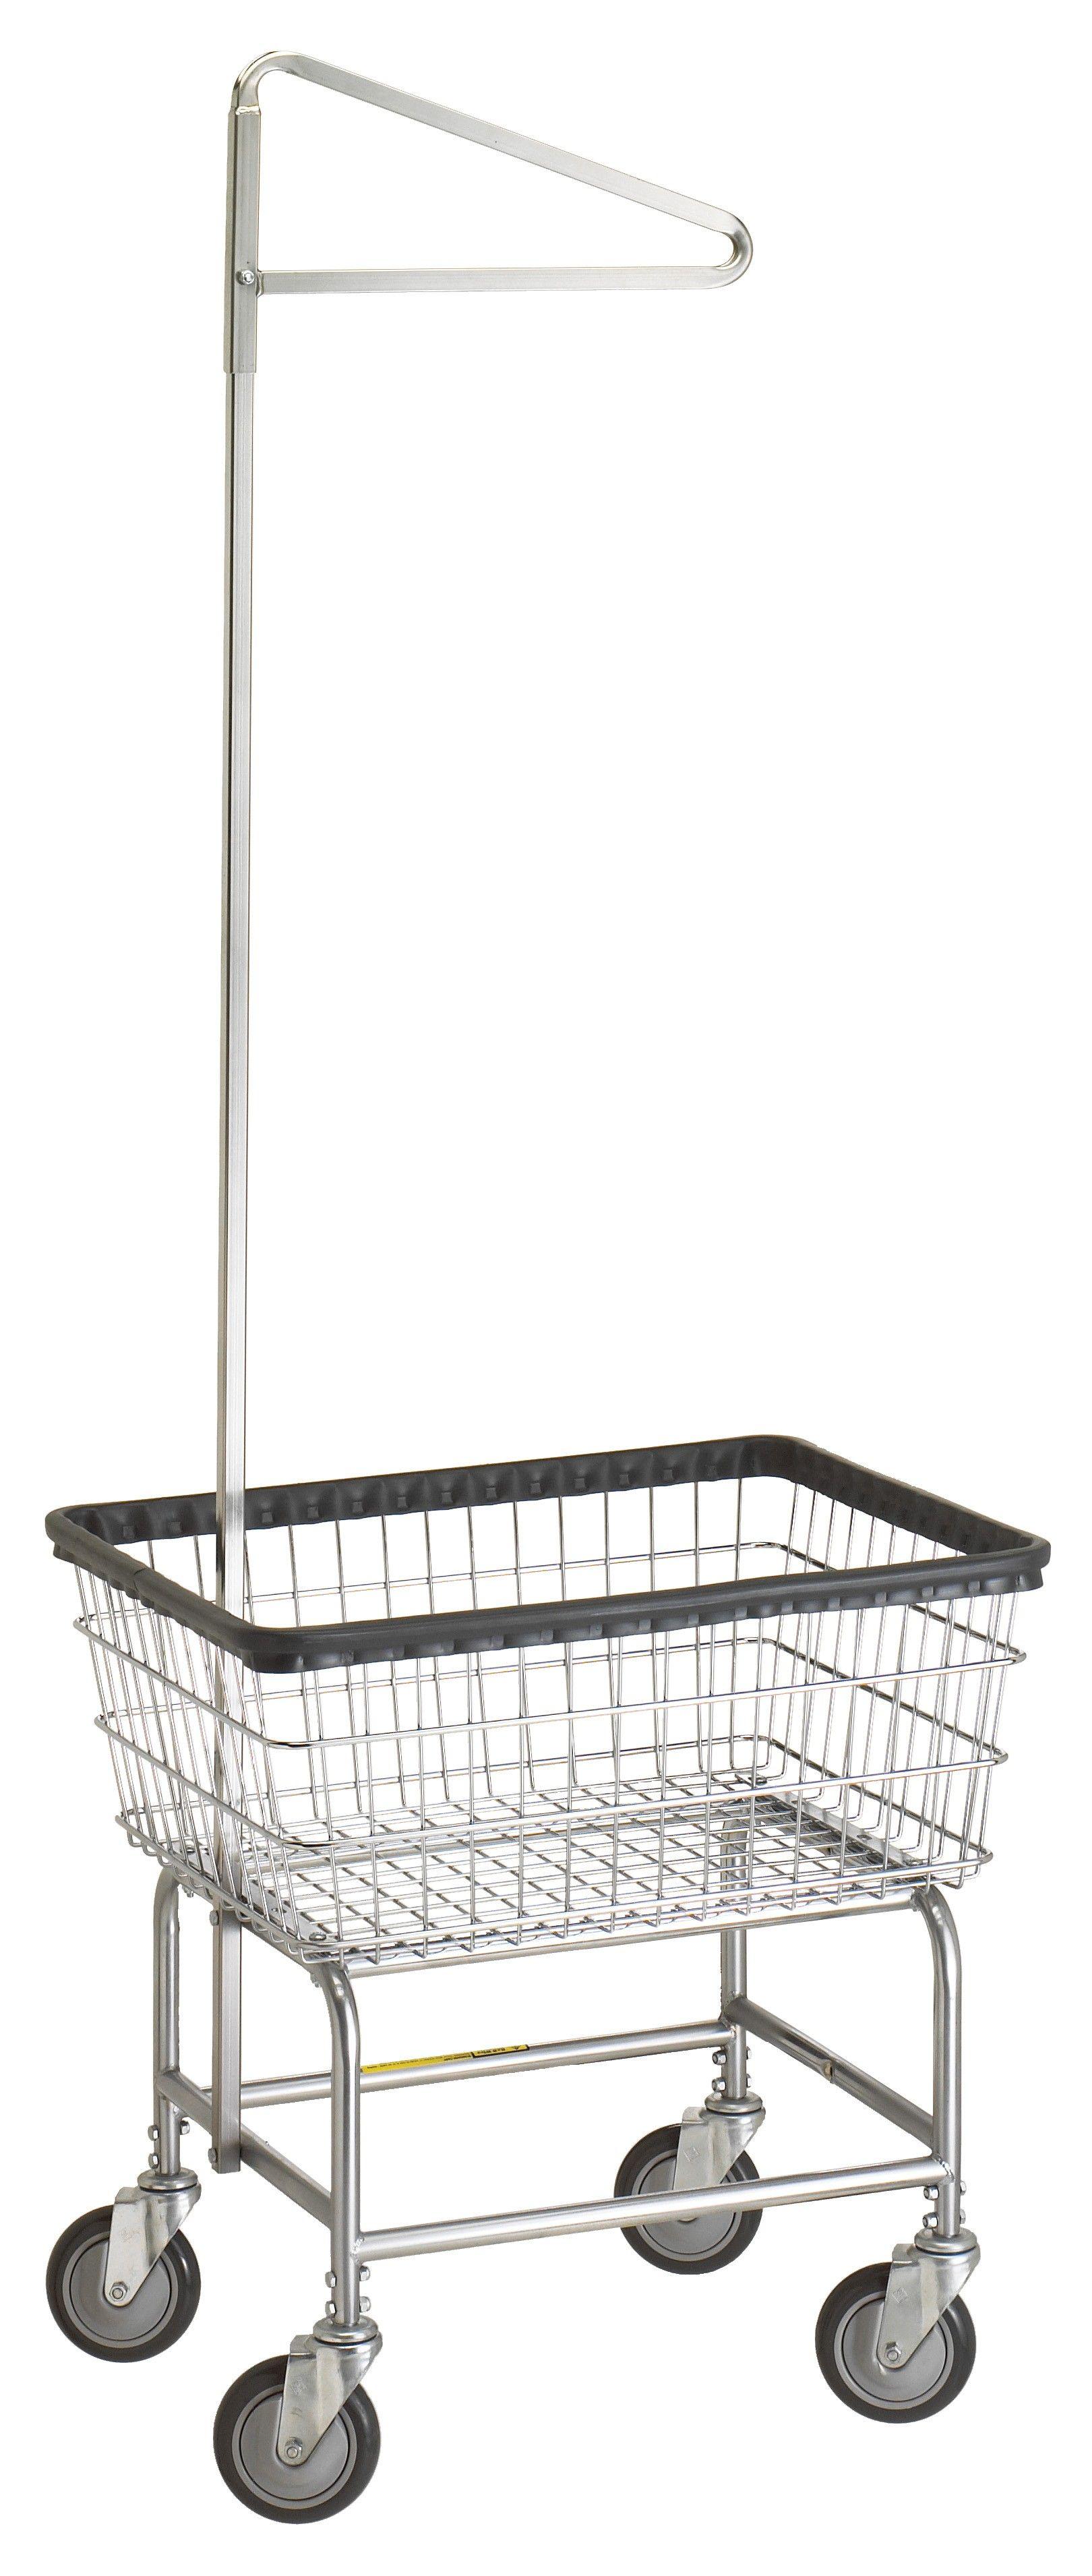 Narrow Laundry Cart With Single Pole Rack Laundry Cart Laundry